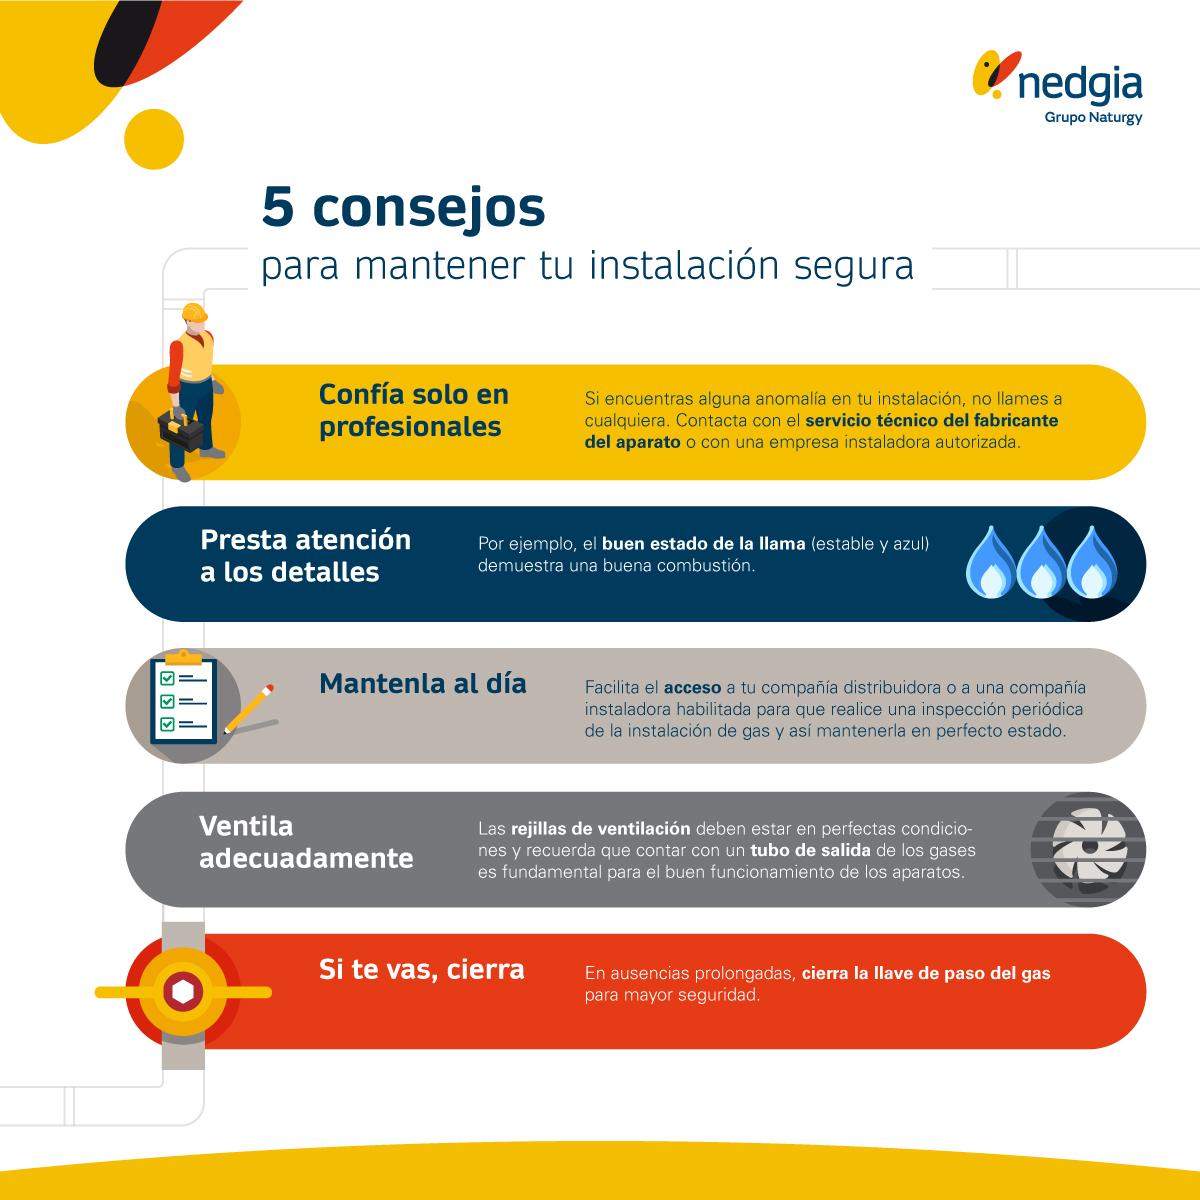 Imagen con los principales consejos para mantener tu instalación de gas segura